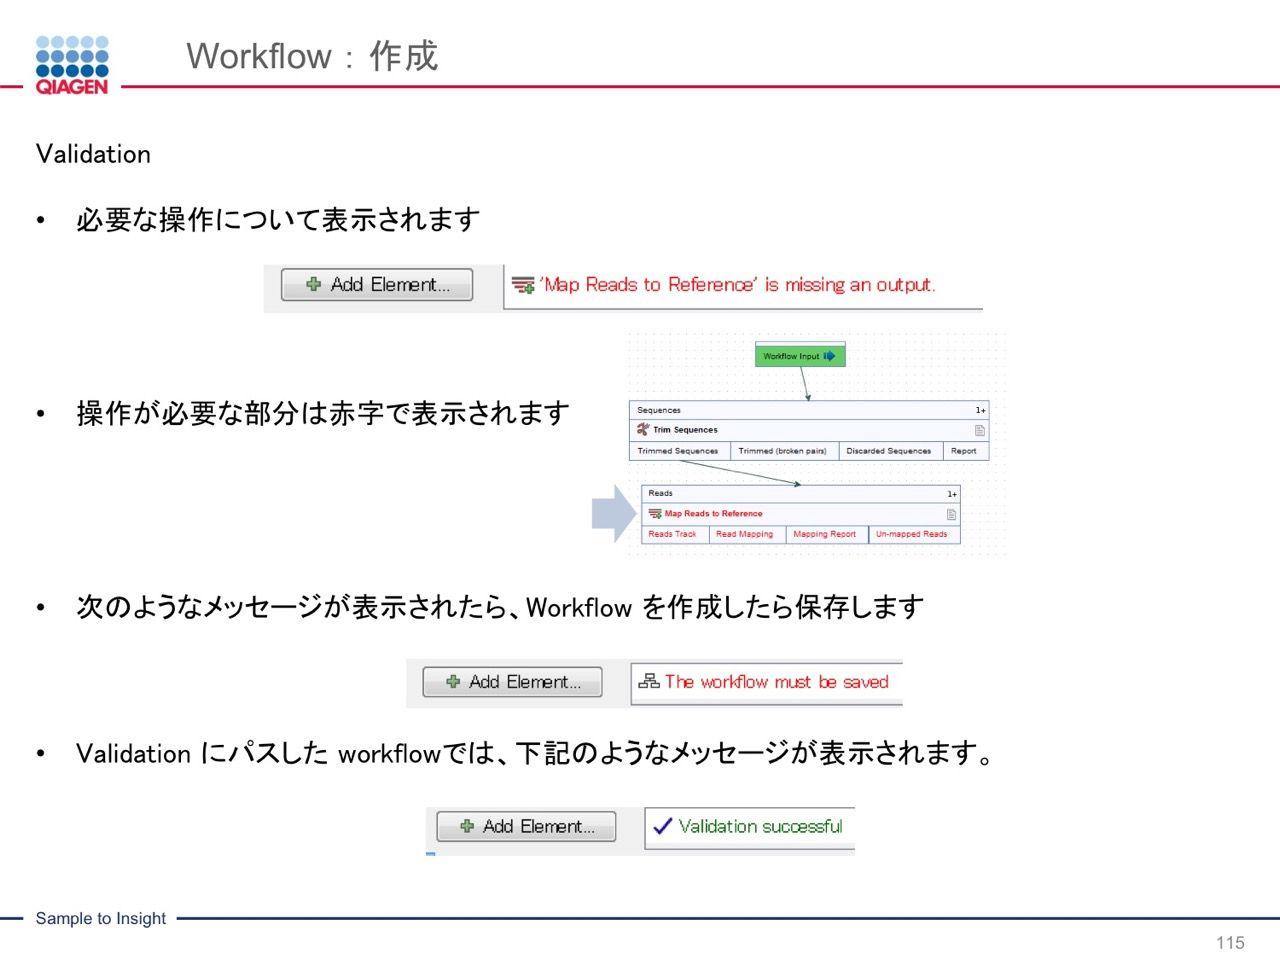 images/AJACSa2_miyamoto_115.jpg